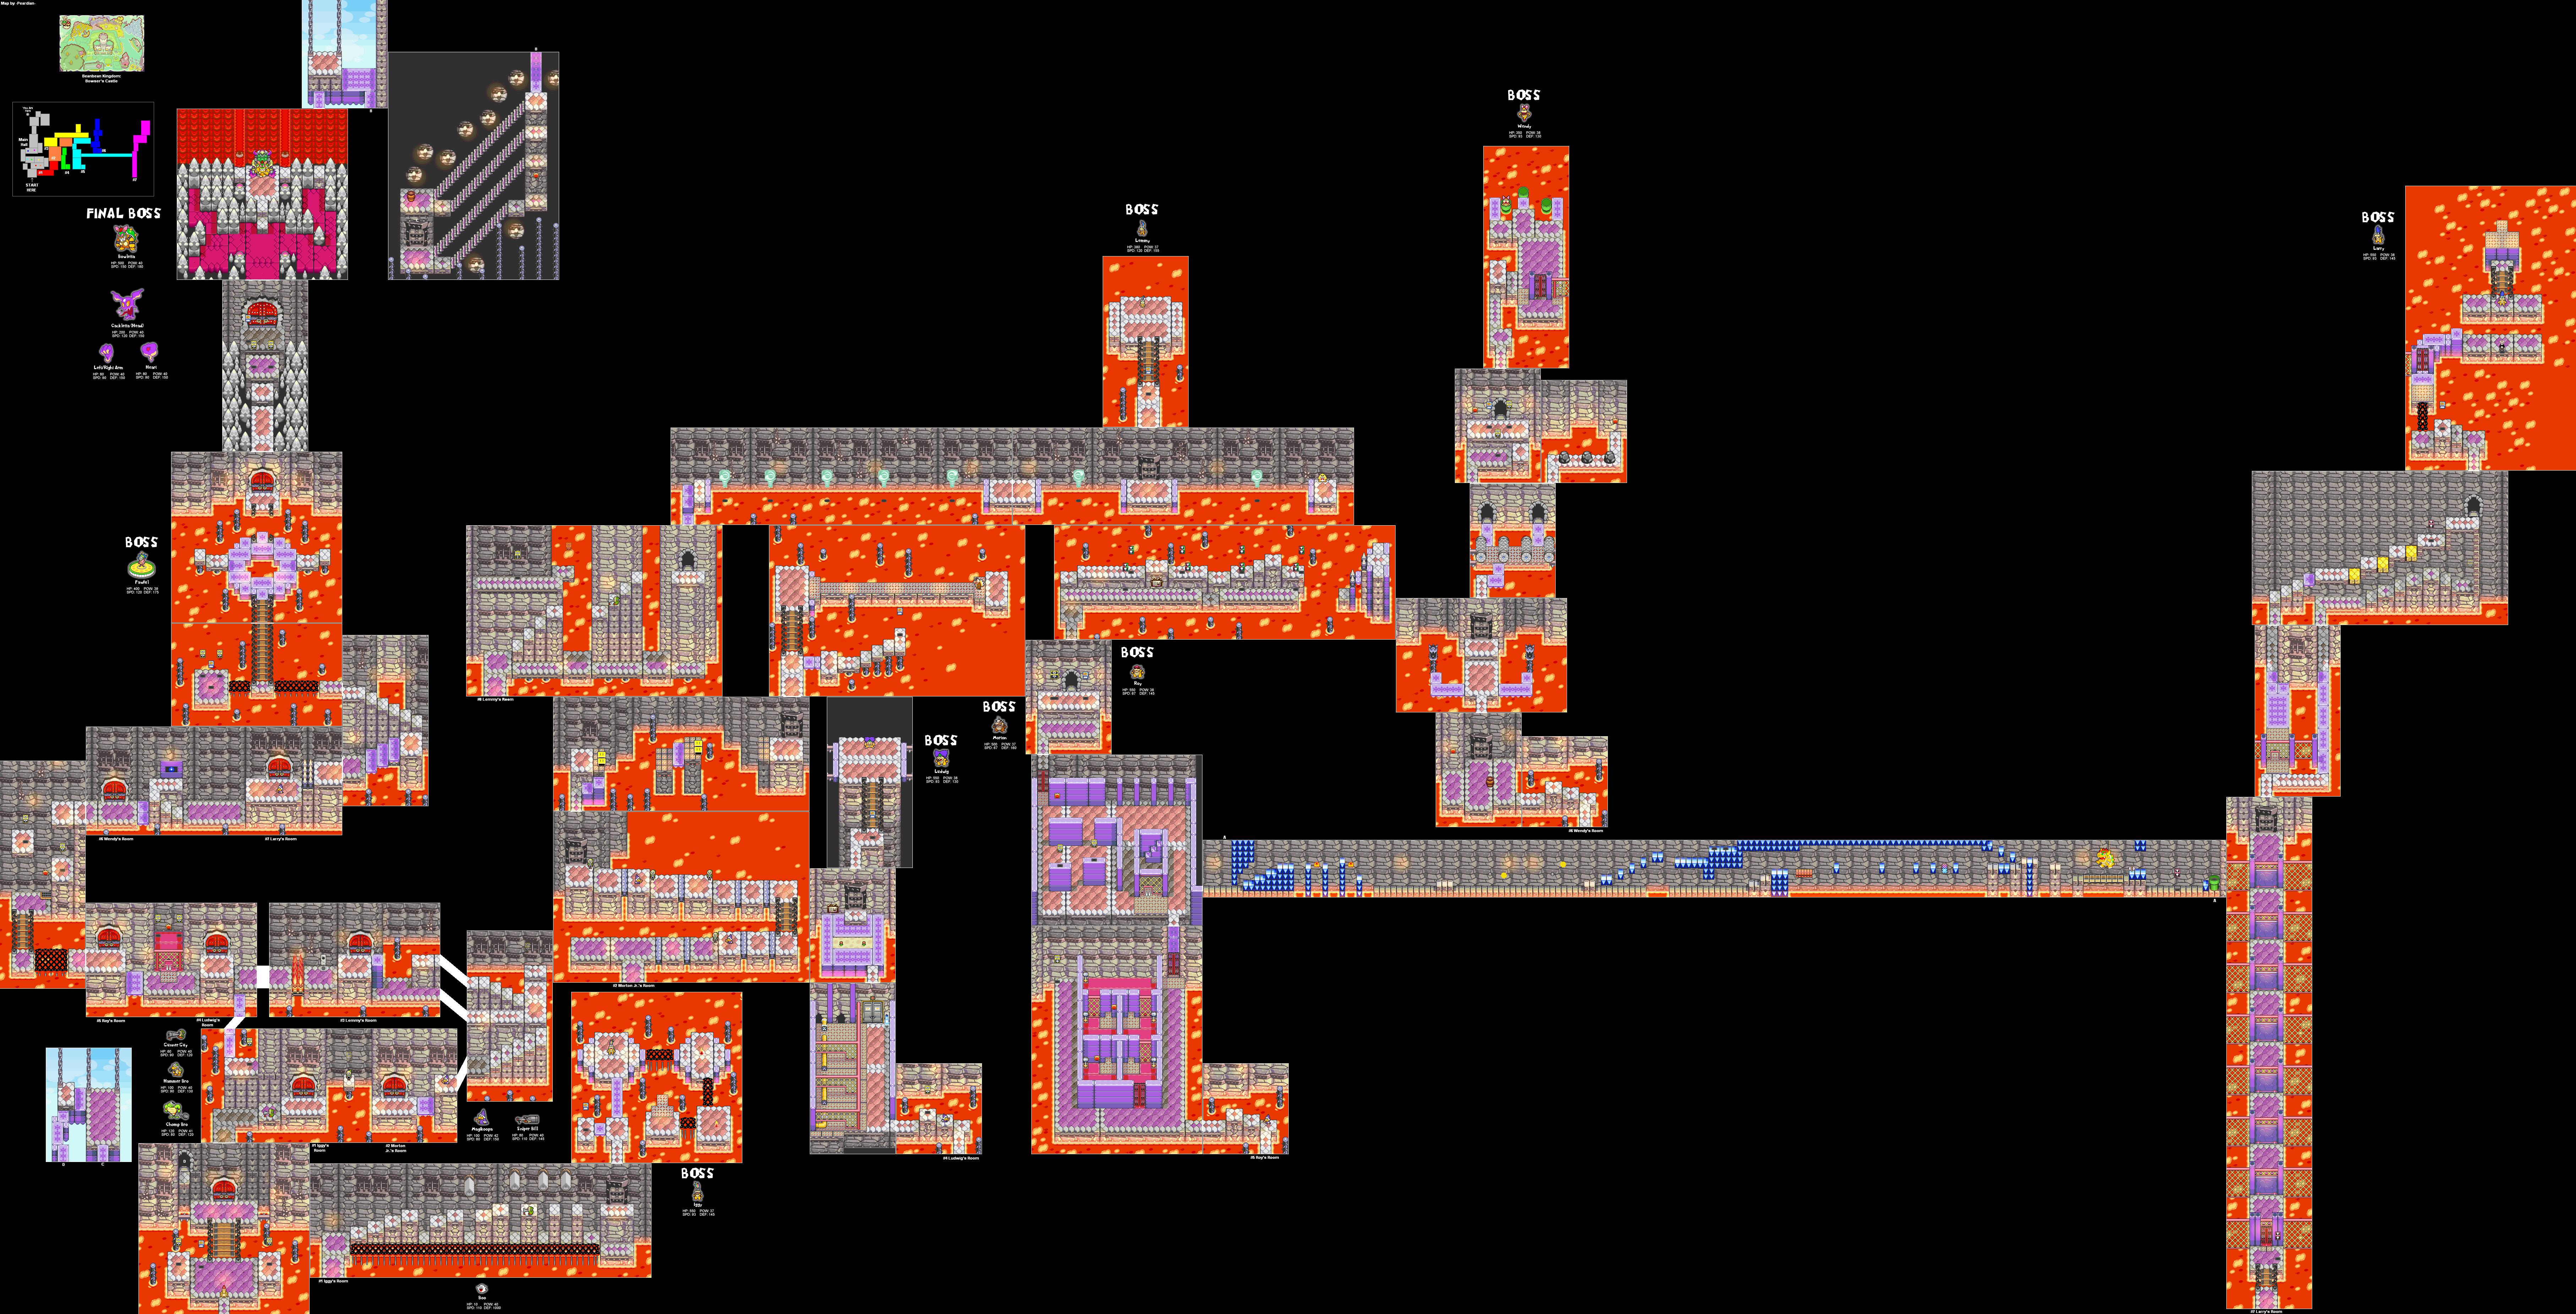 Mario & Luigi Superstar Saga - GBA - Game Maps